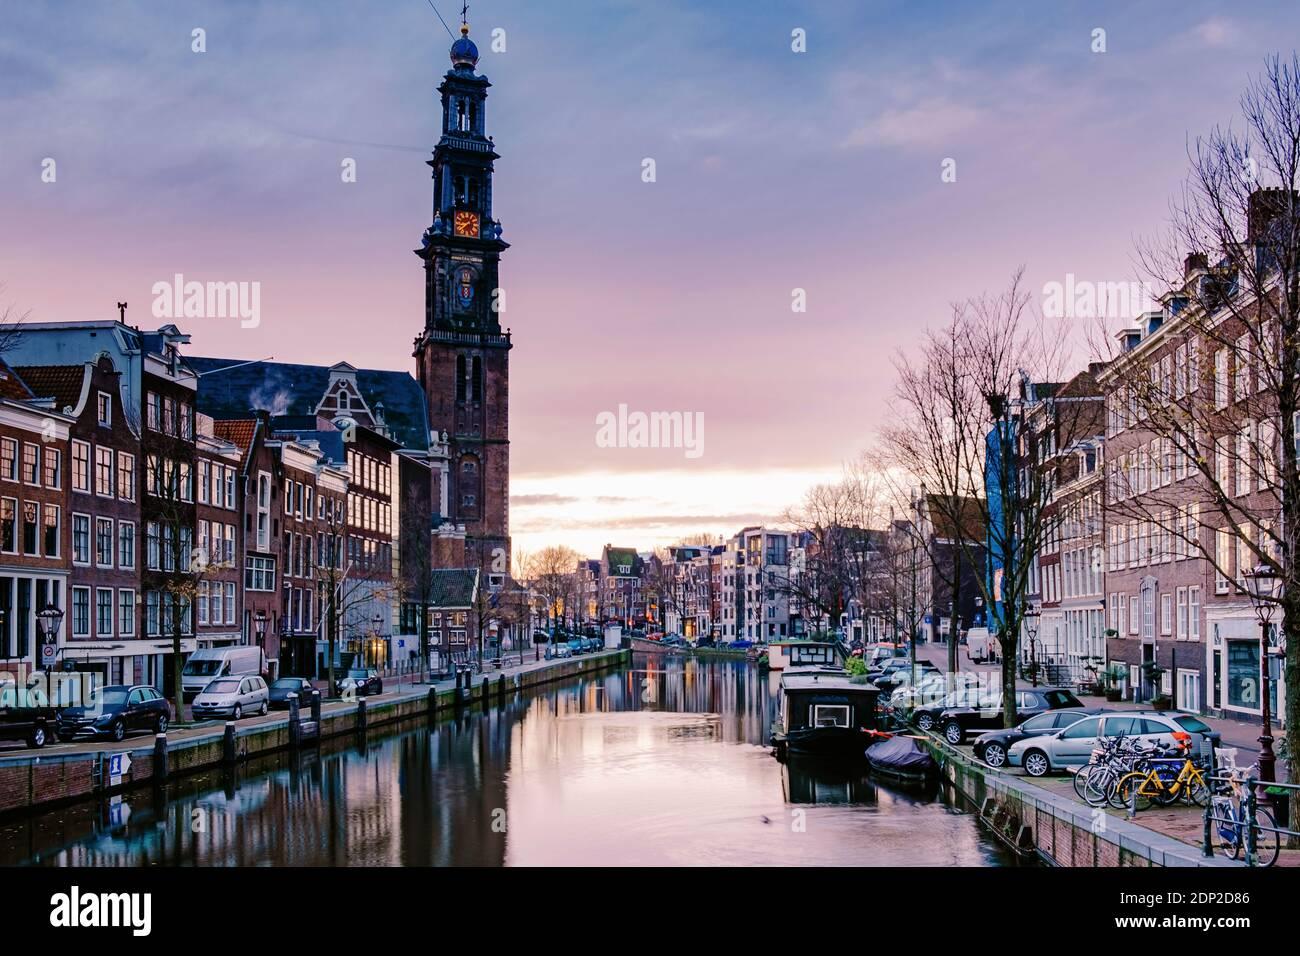 Canali di Amsterdam alla luce della sera, canali olandesi di Amsterdam Olanda Paesi Bassi durante l'inverno nei Paesi Bassi. Europa Foto Stock